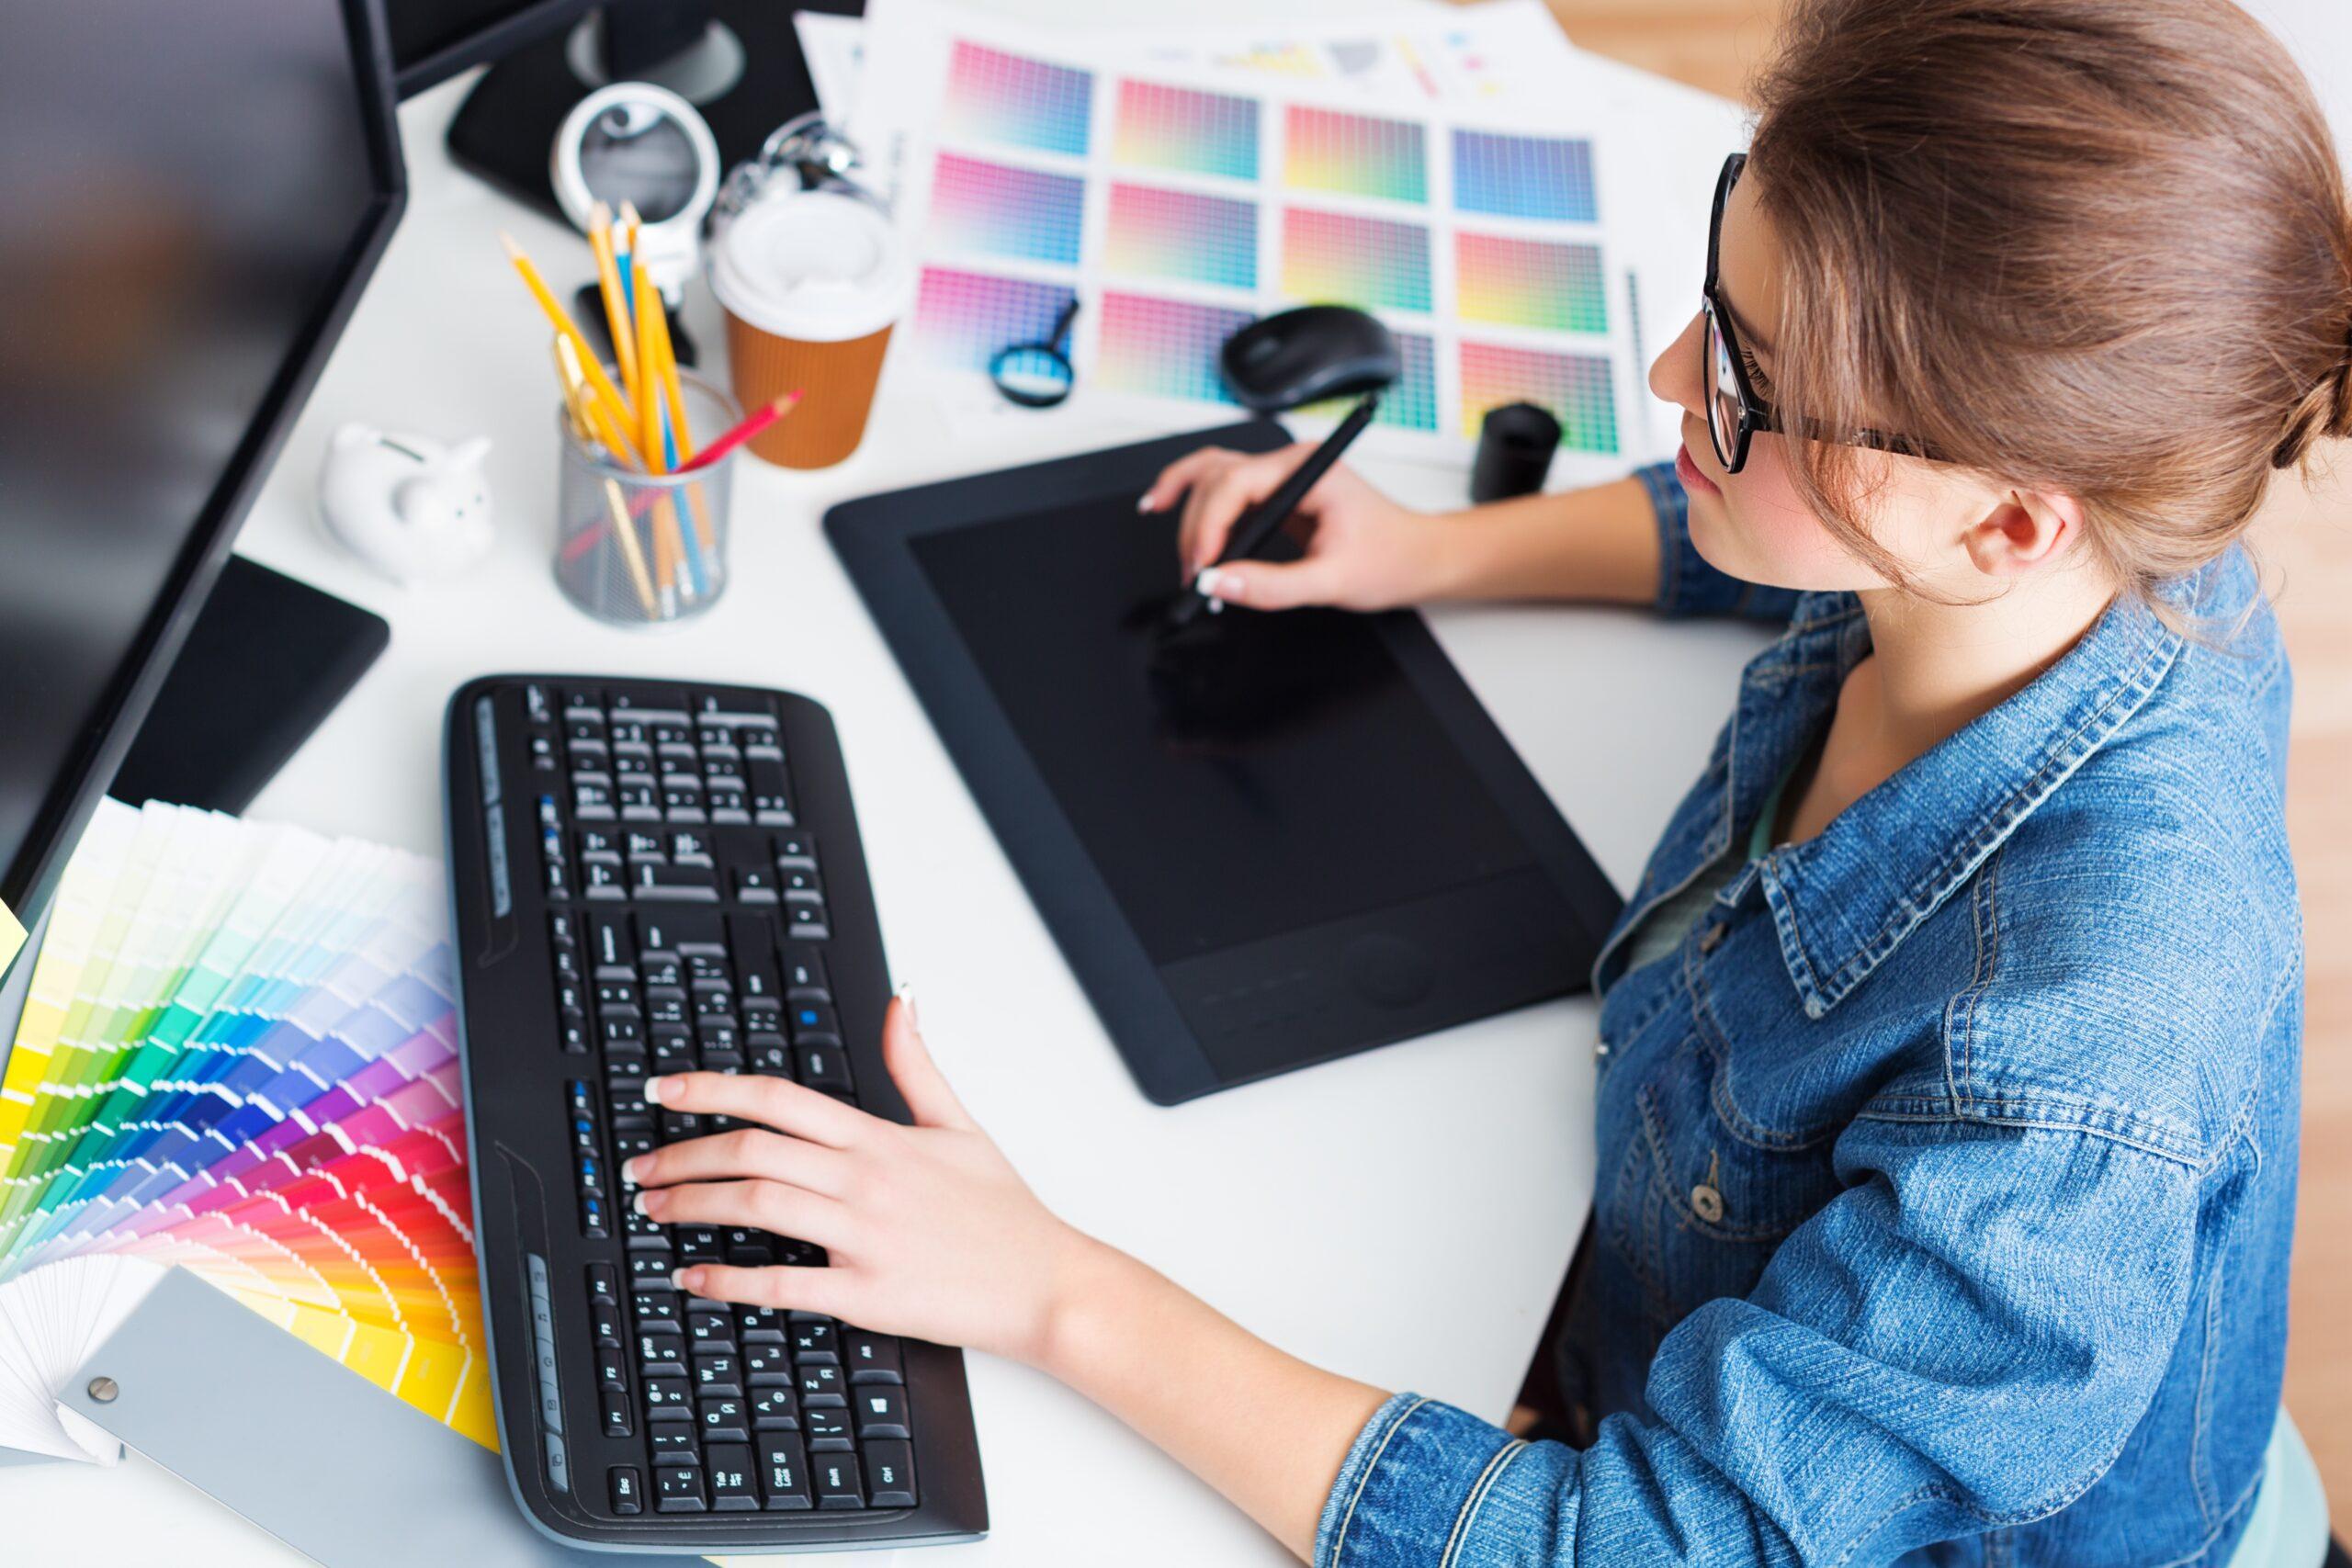 Självstudier med hjälp av dator, tangentbord och digital ritplatta